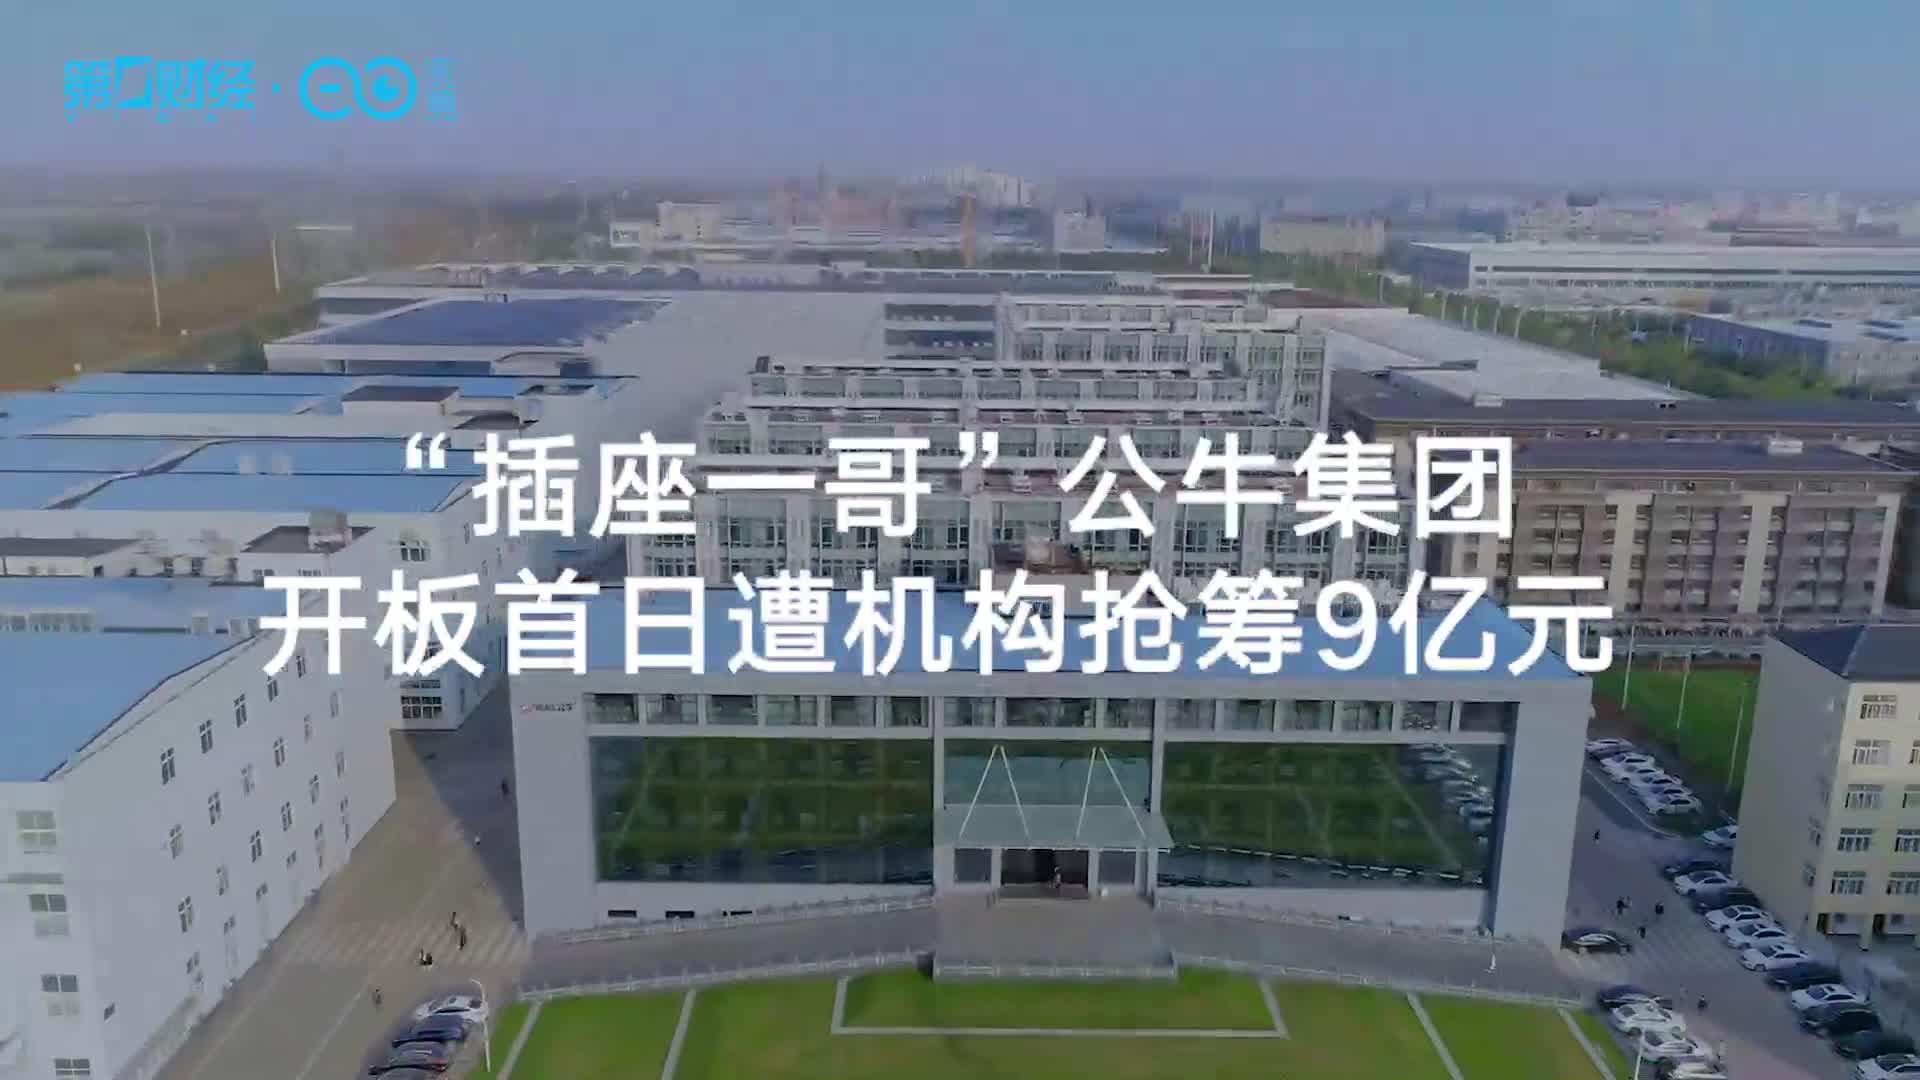 """""""插座一哥""""公牛集团开板首日遭机构抢筹9亿元丨热公司"""